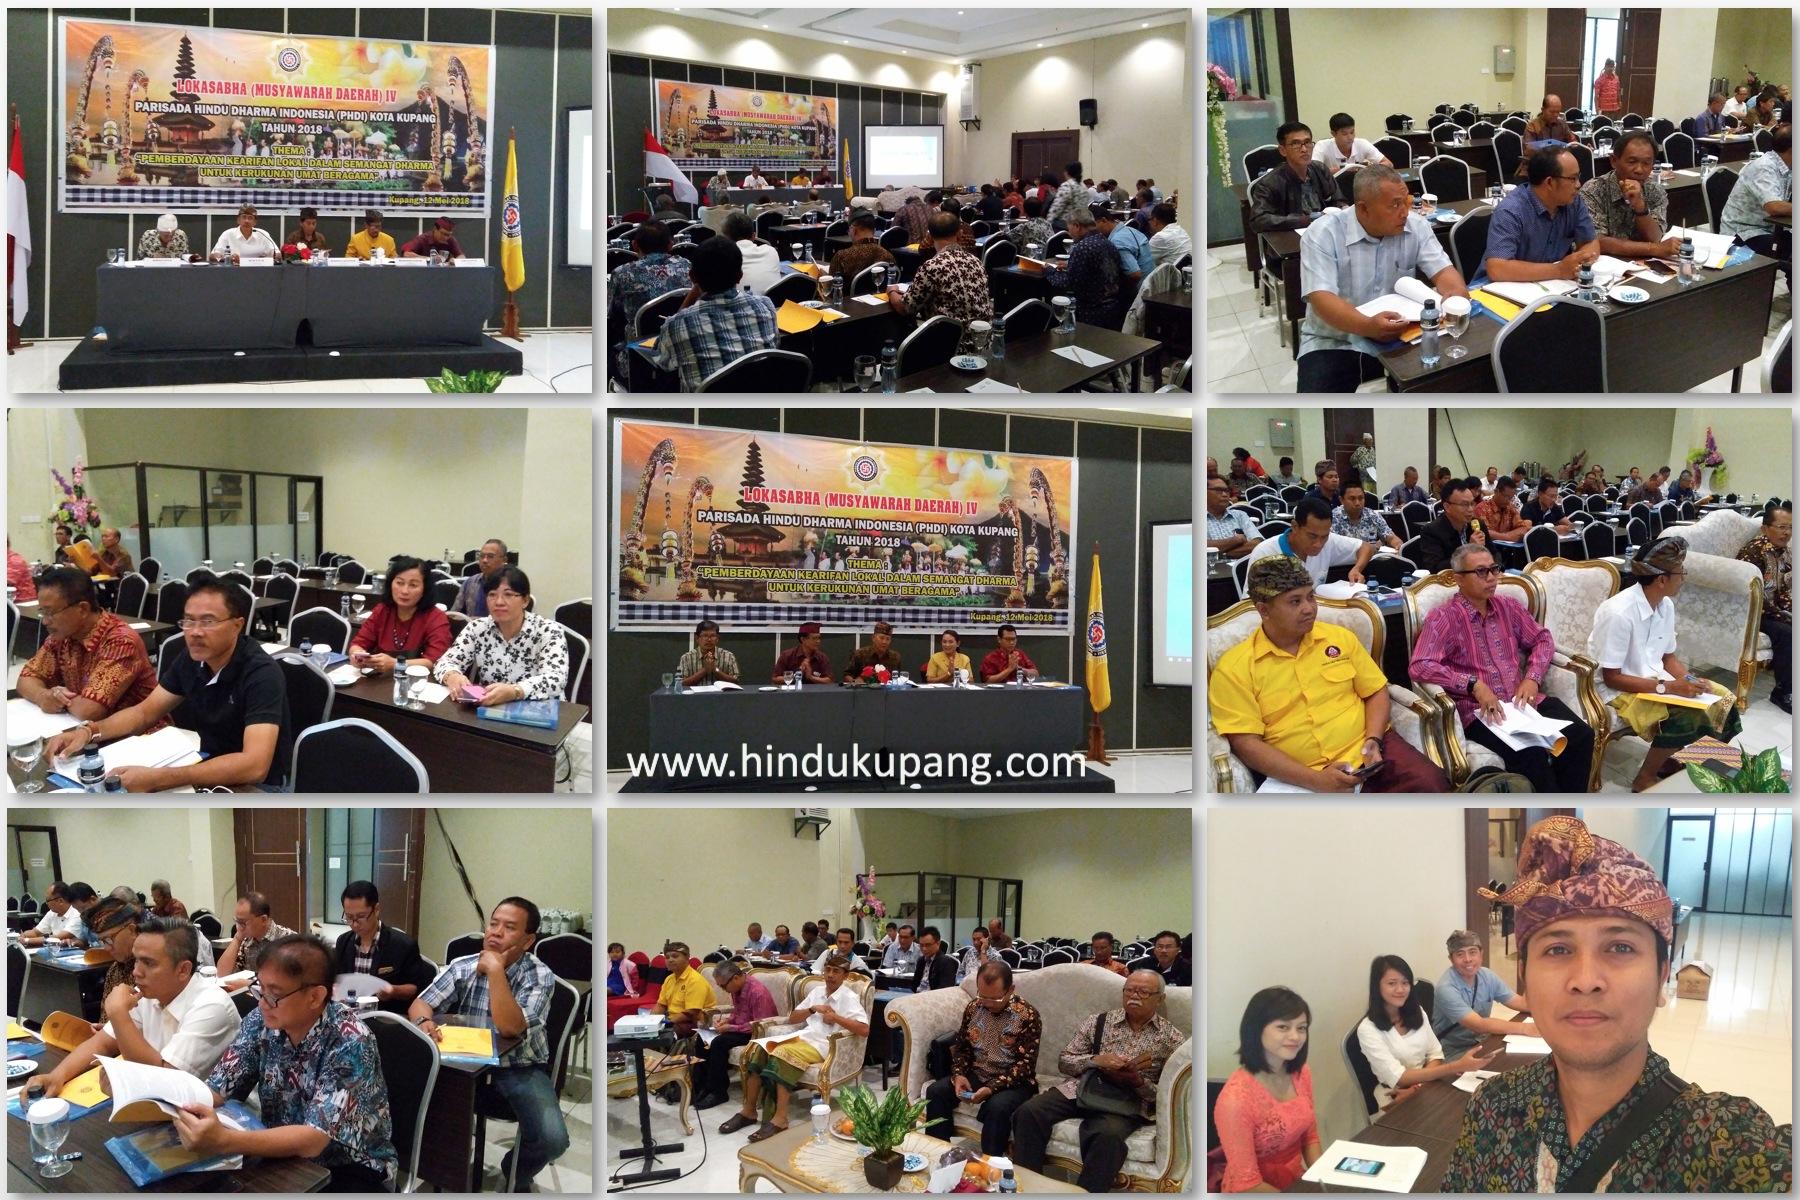 Selamat Datang Hindu Kupang Ntt Lokasabha Iv Phdi Kota Pura